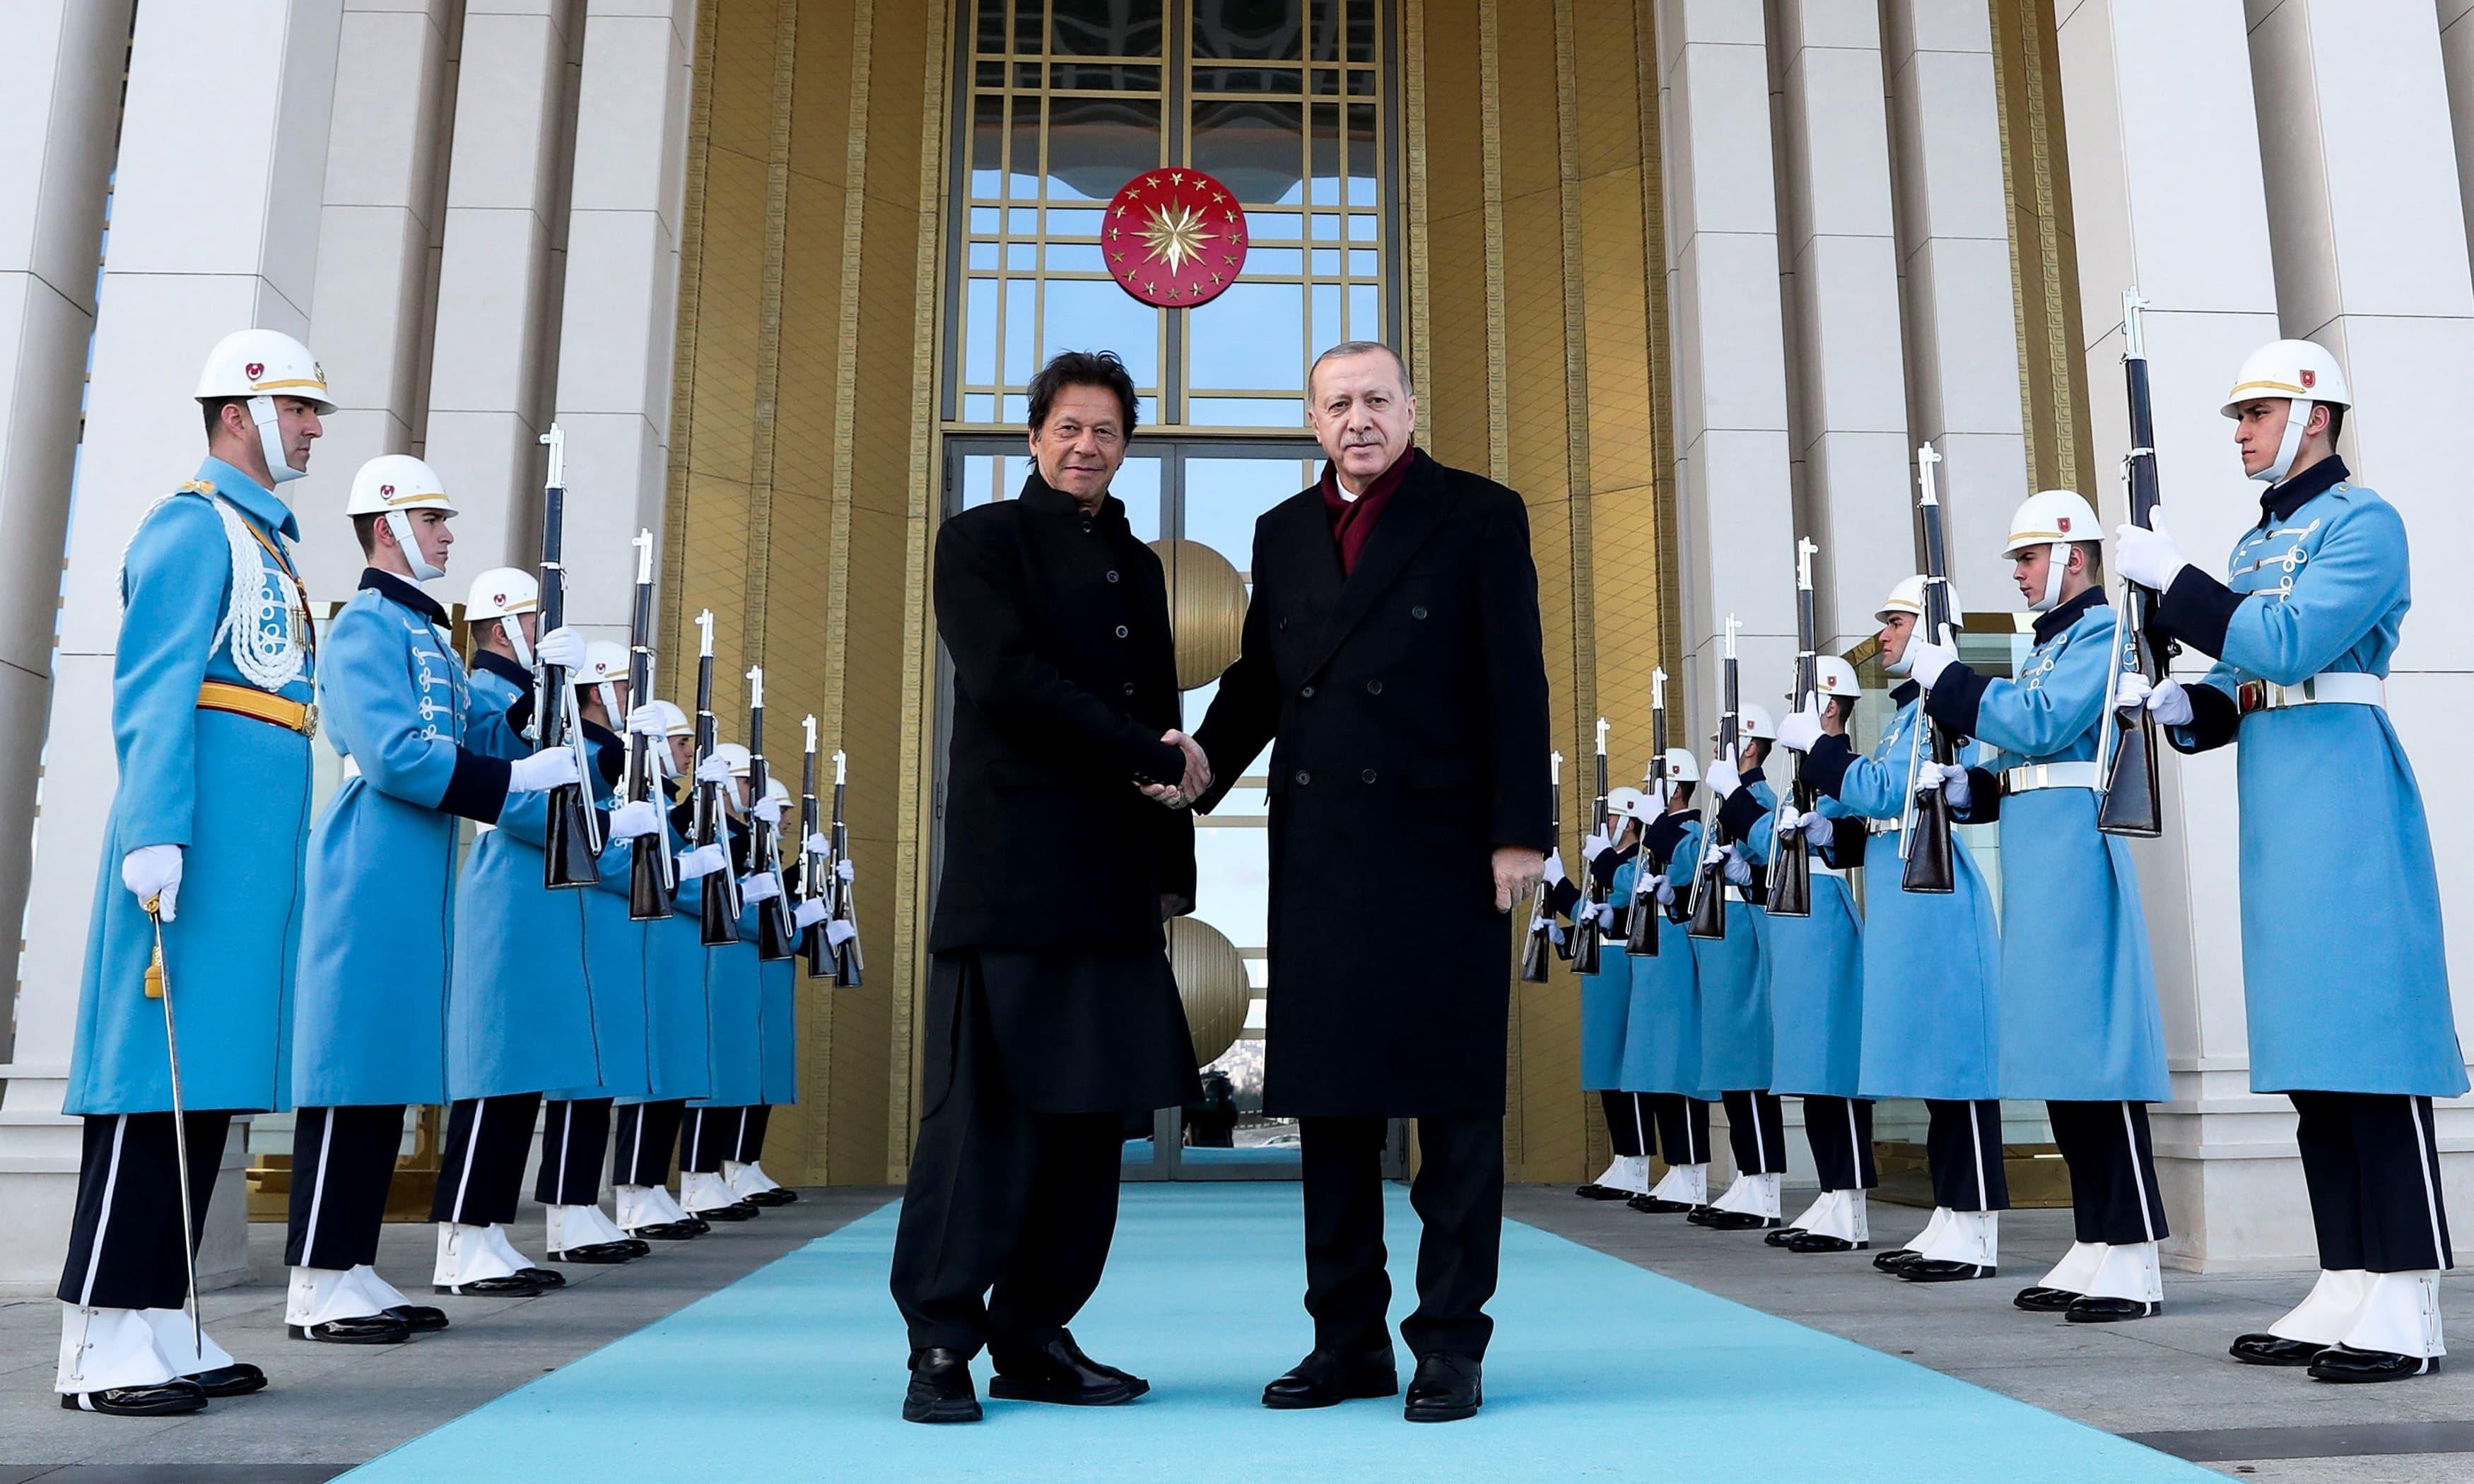 پاکستان، ترکی کی دہشت گردی سے متعلق تشویش کو پوری طرح سے سمجھتا ہے، عمران خان — اے ایف پی/ فائل فوٹو